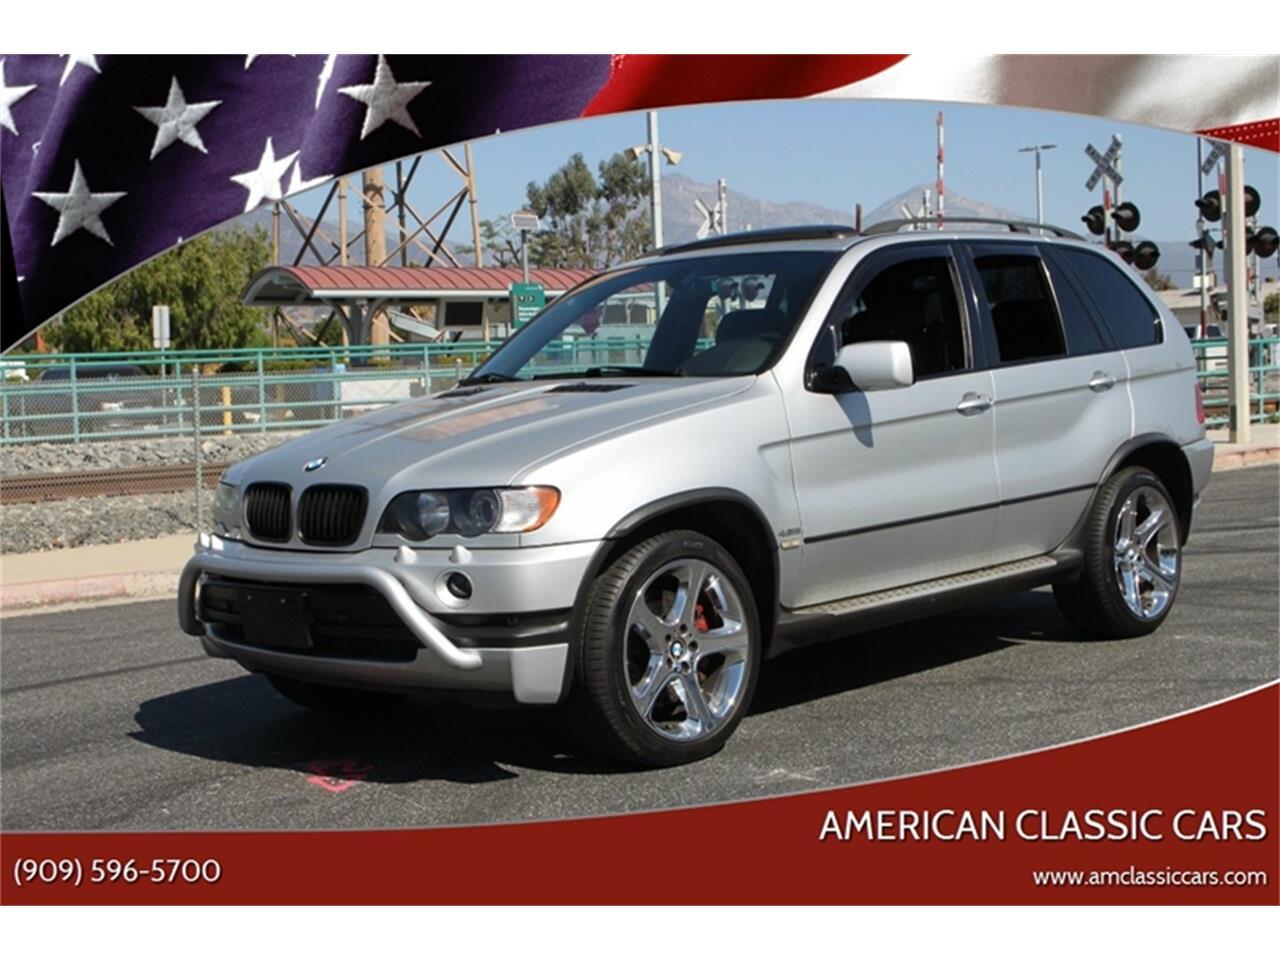 for sale 2002 bmw x5 in la verne, california cars - la verne, ca at geebo